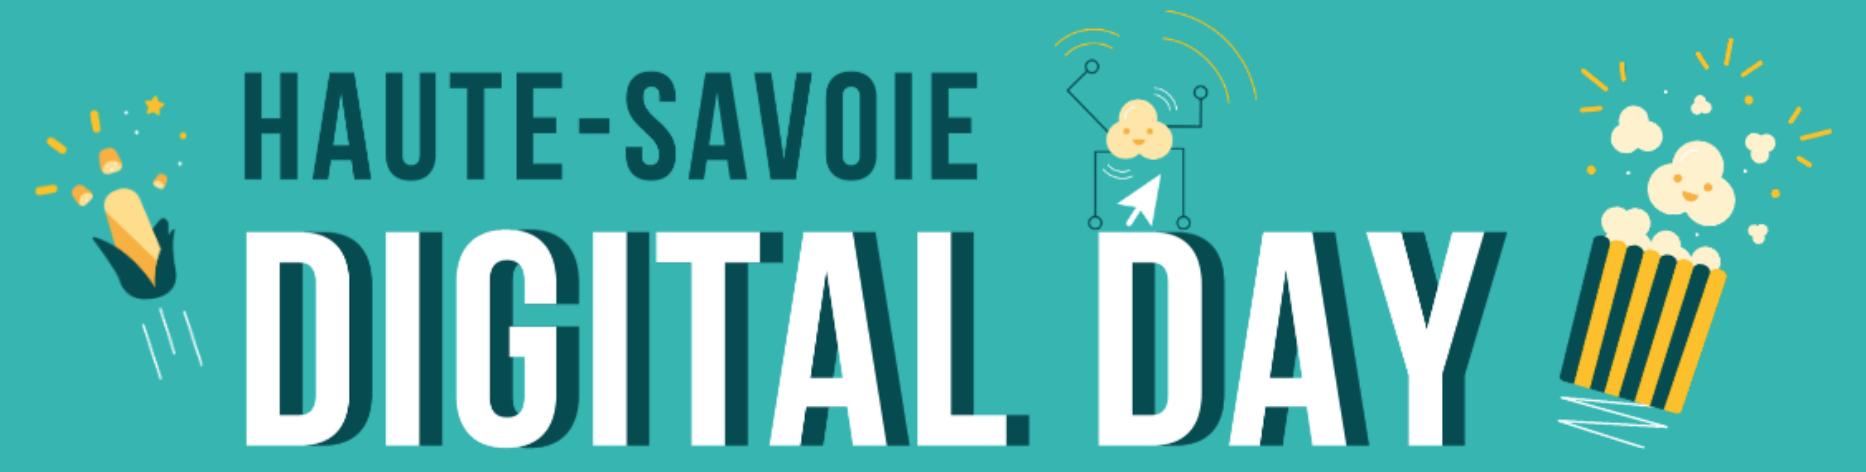 Haute Savoie Digital Day